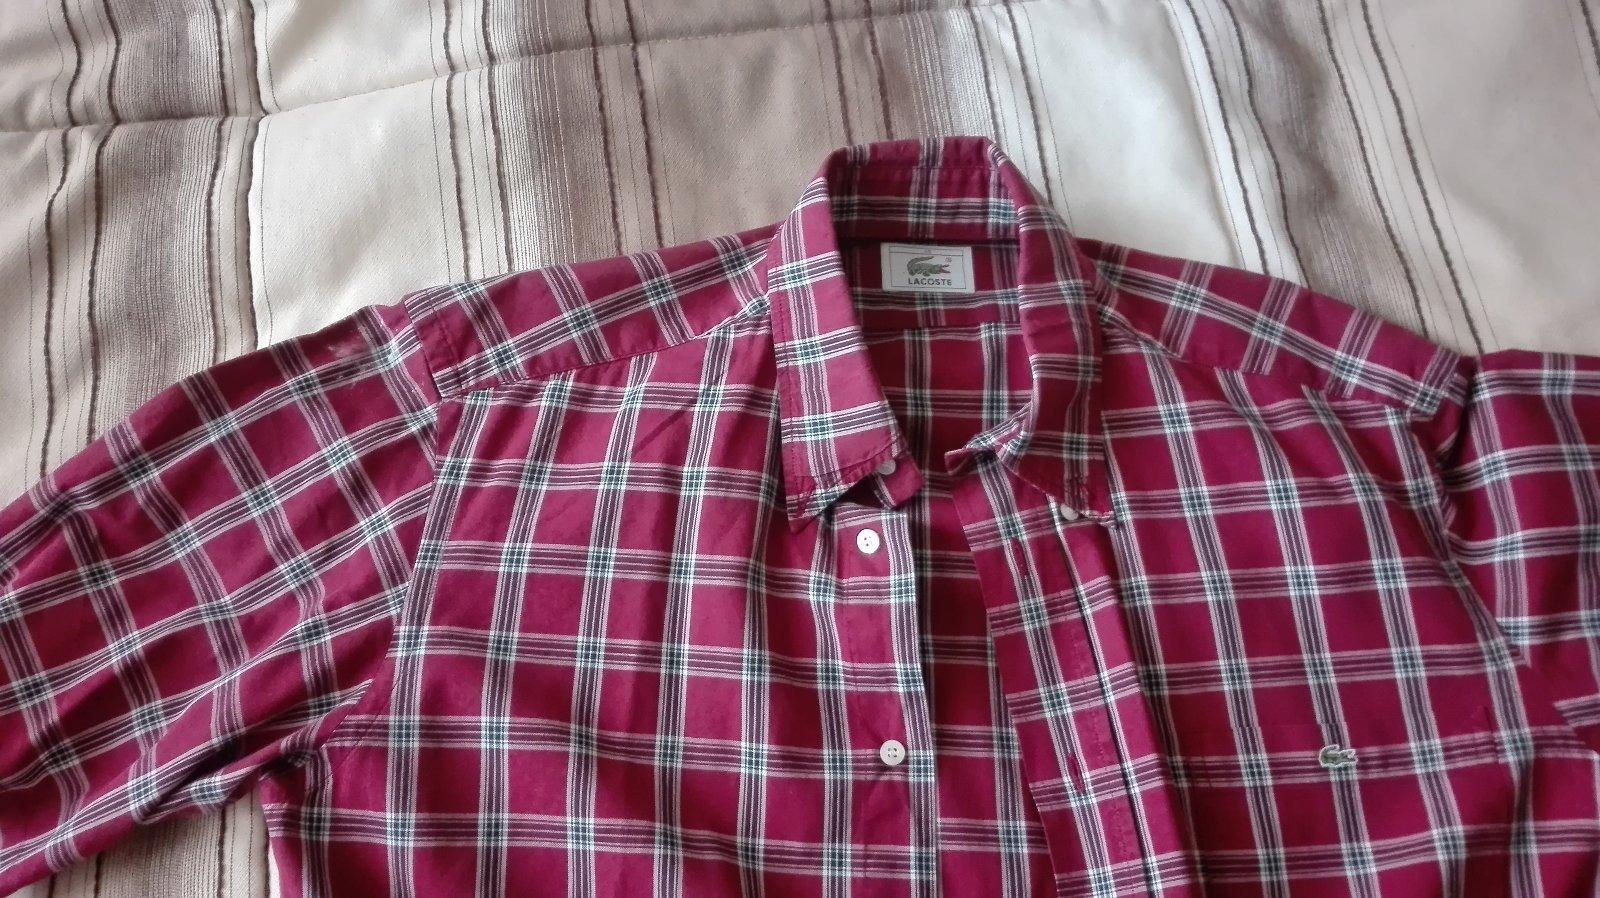 9f2d19a6b168 Pánska košeľa